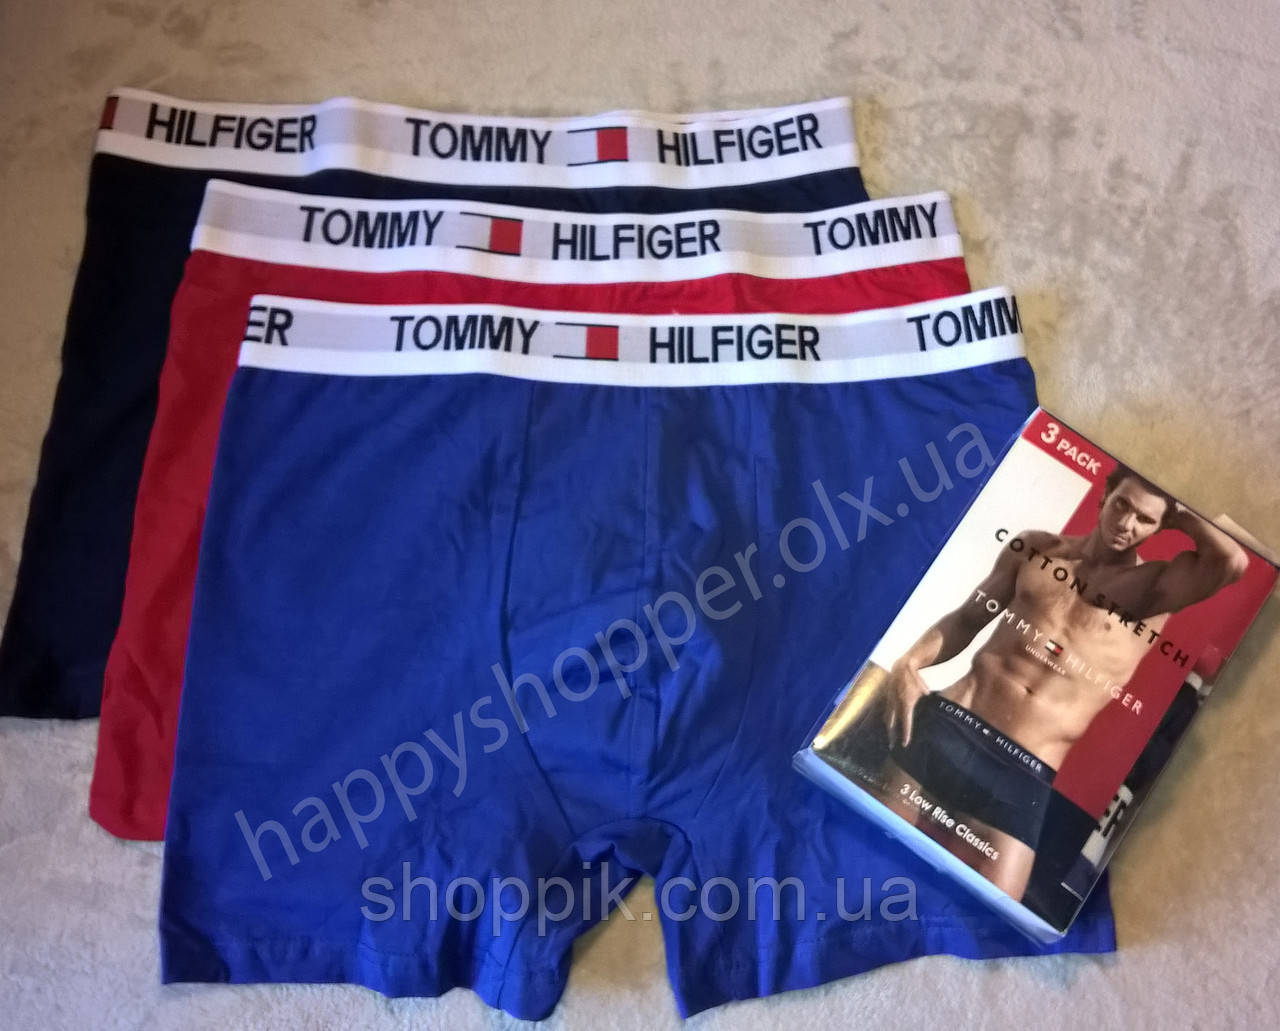 Мужские трусы Tommy Hilfiger боксеры хлопок, 3 шт. в уп.  Реплика